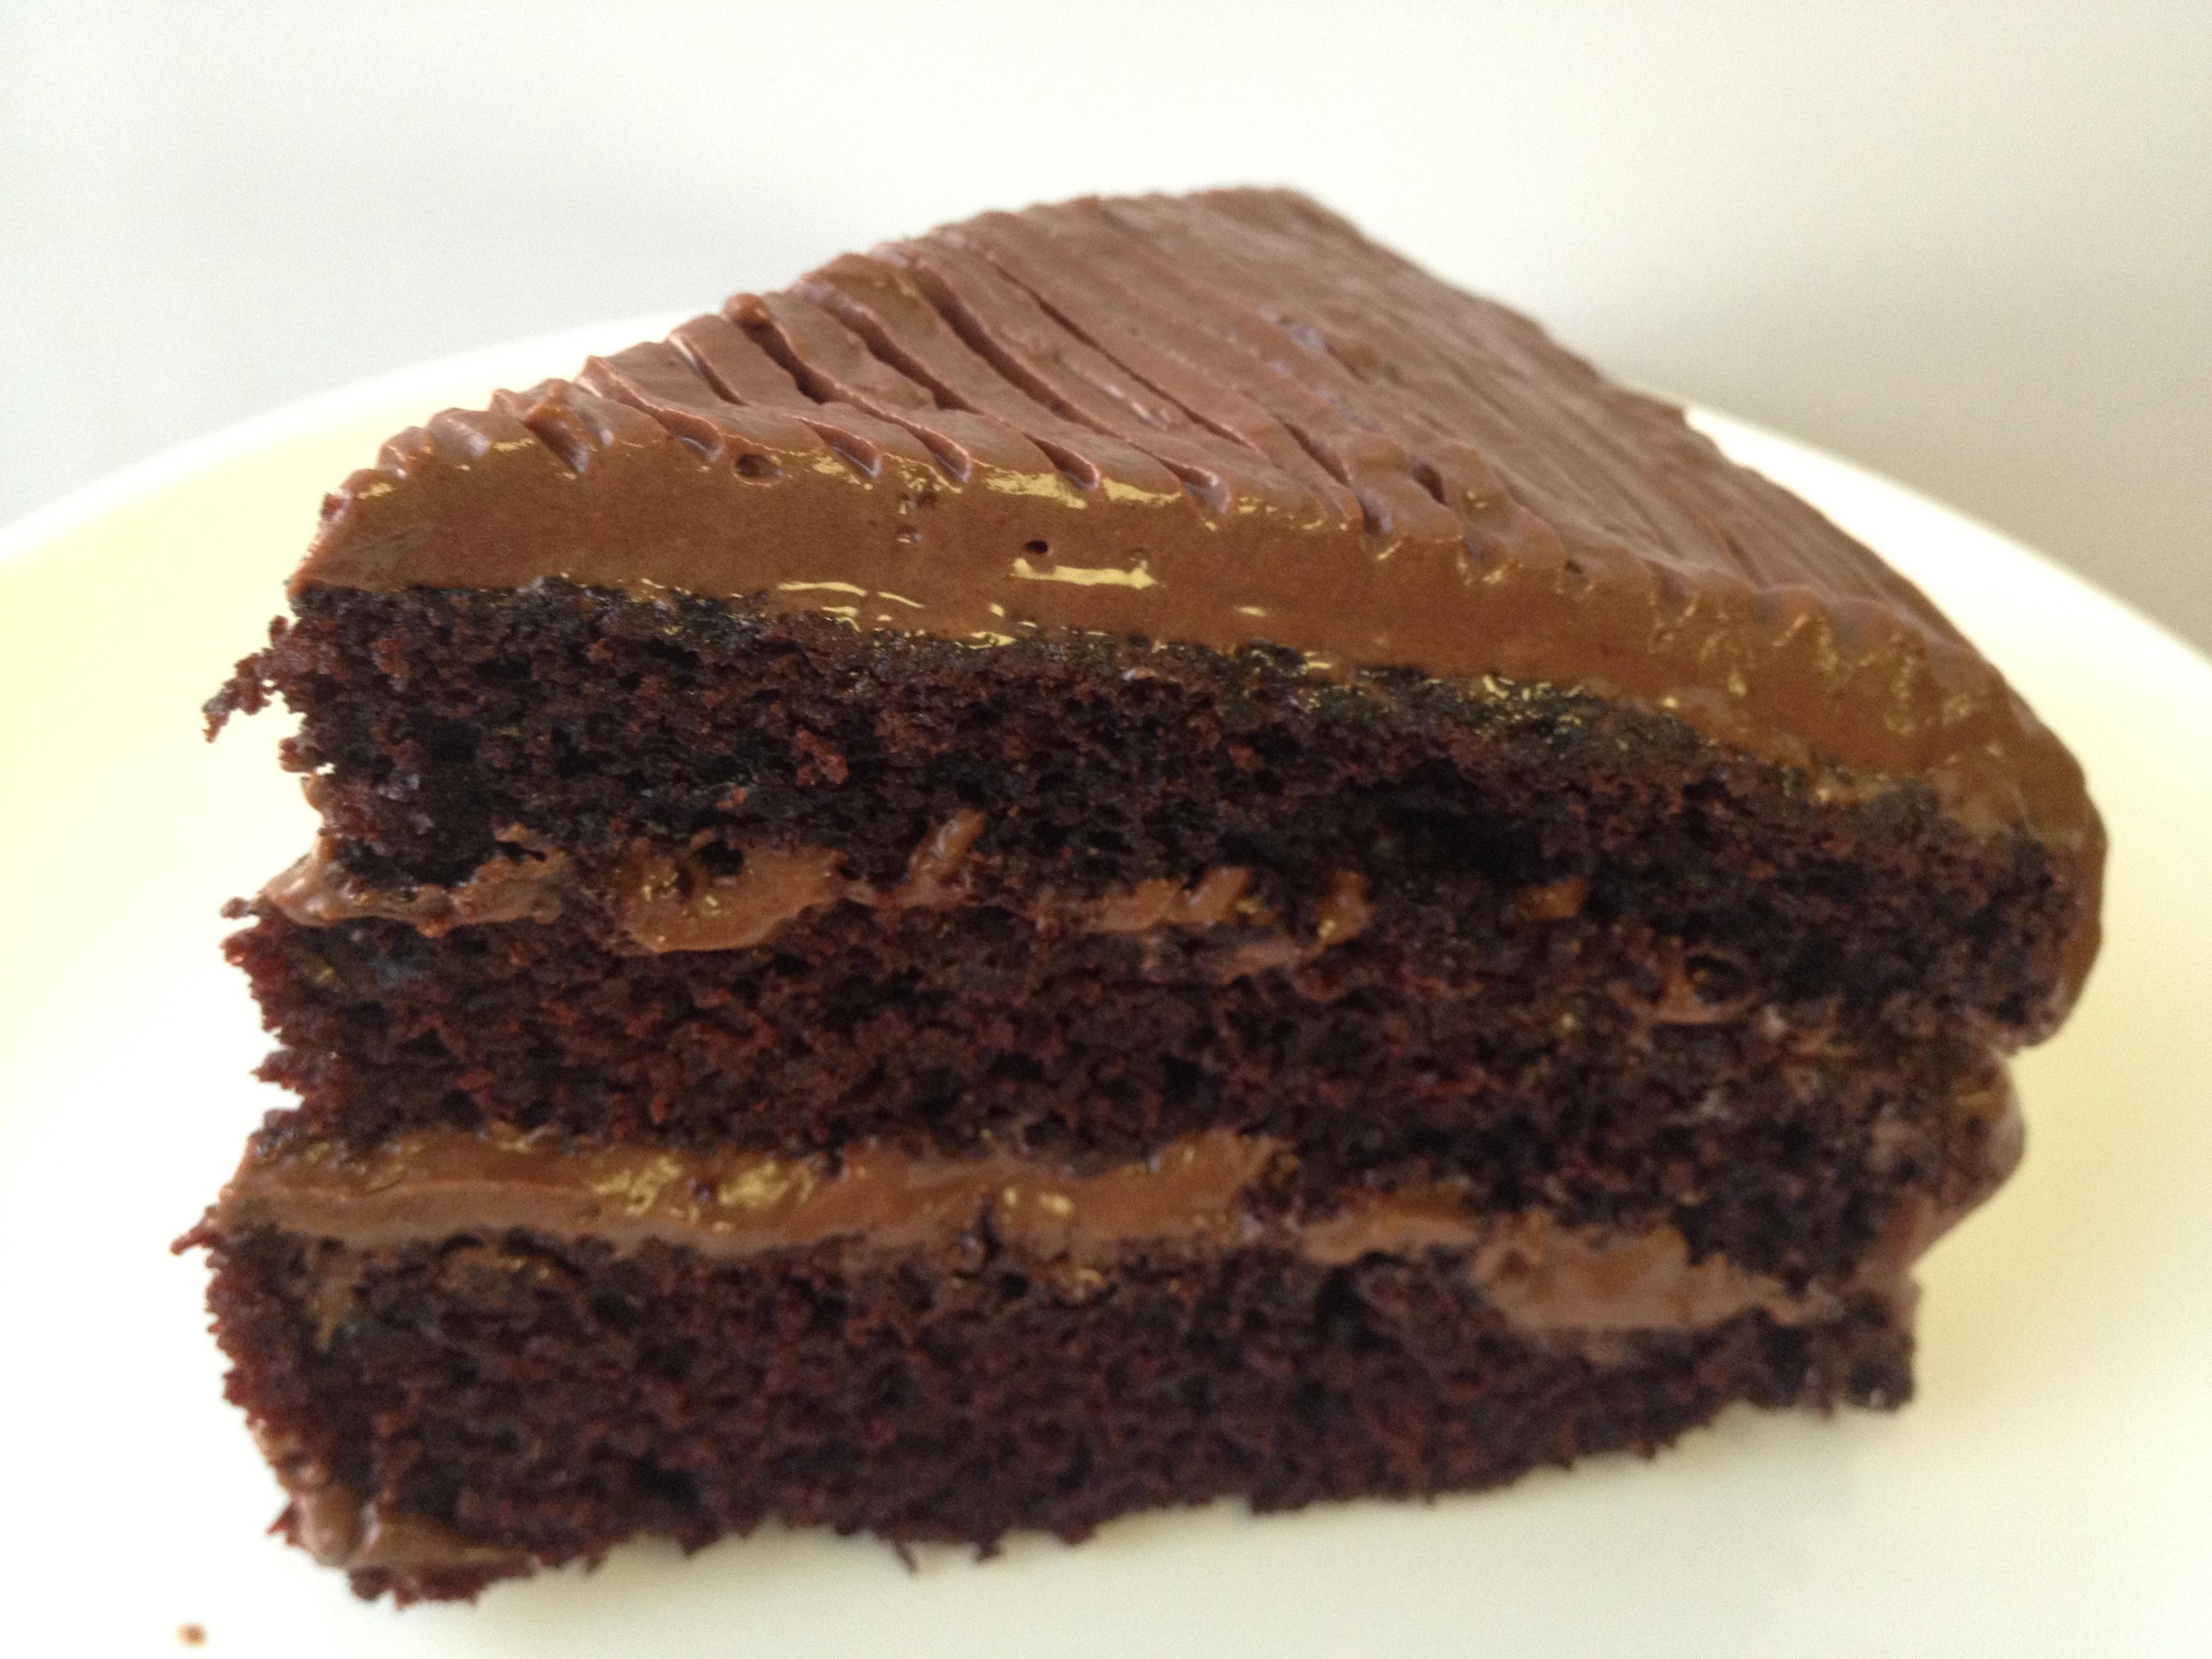 Runny Chocolate Cake Mix